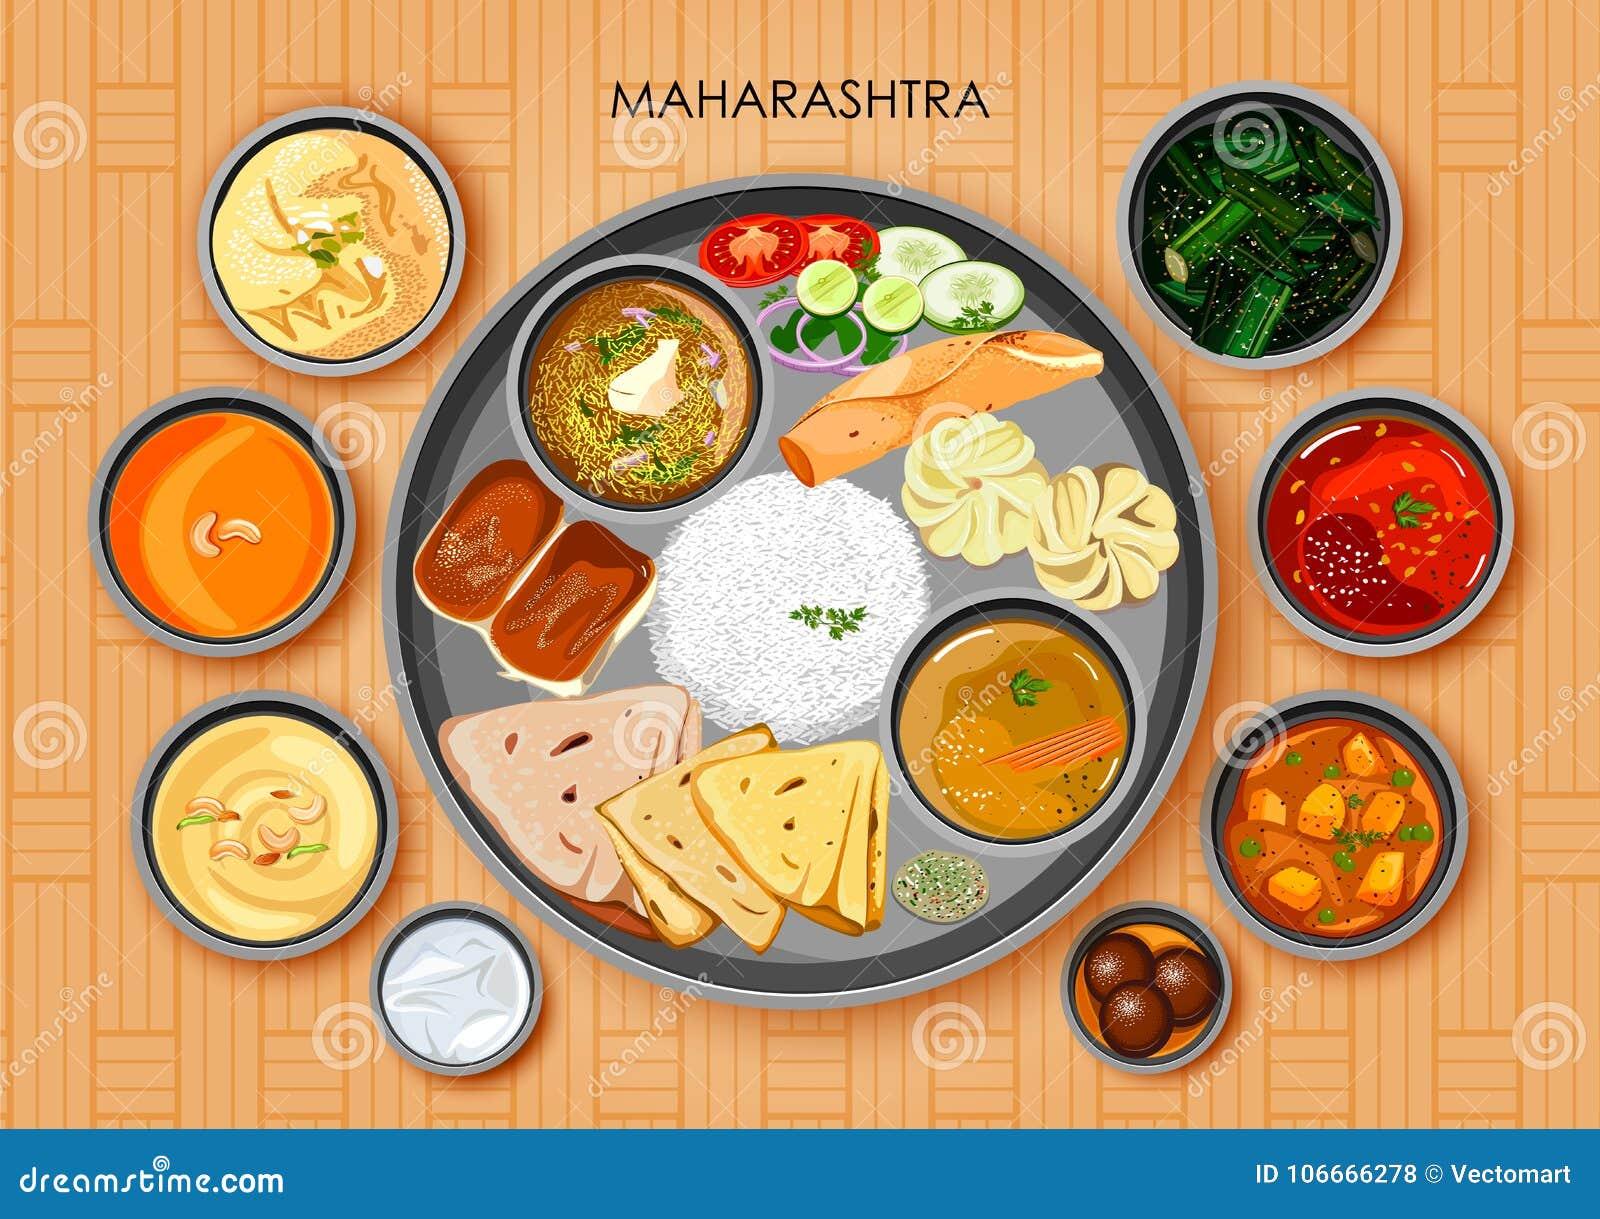 Traditionell thali för Maharashtrian kokkonst- och matmål